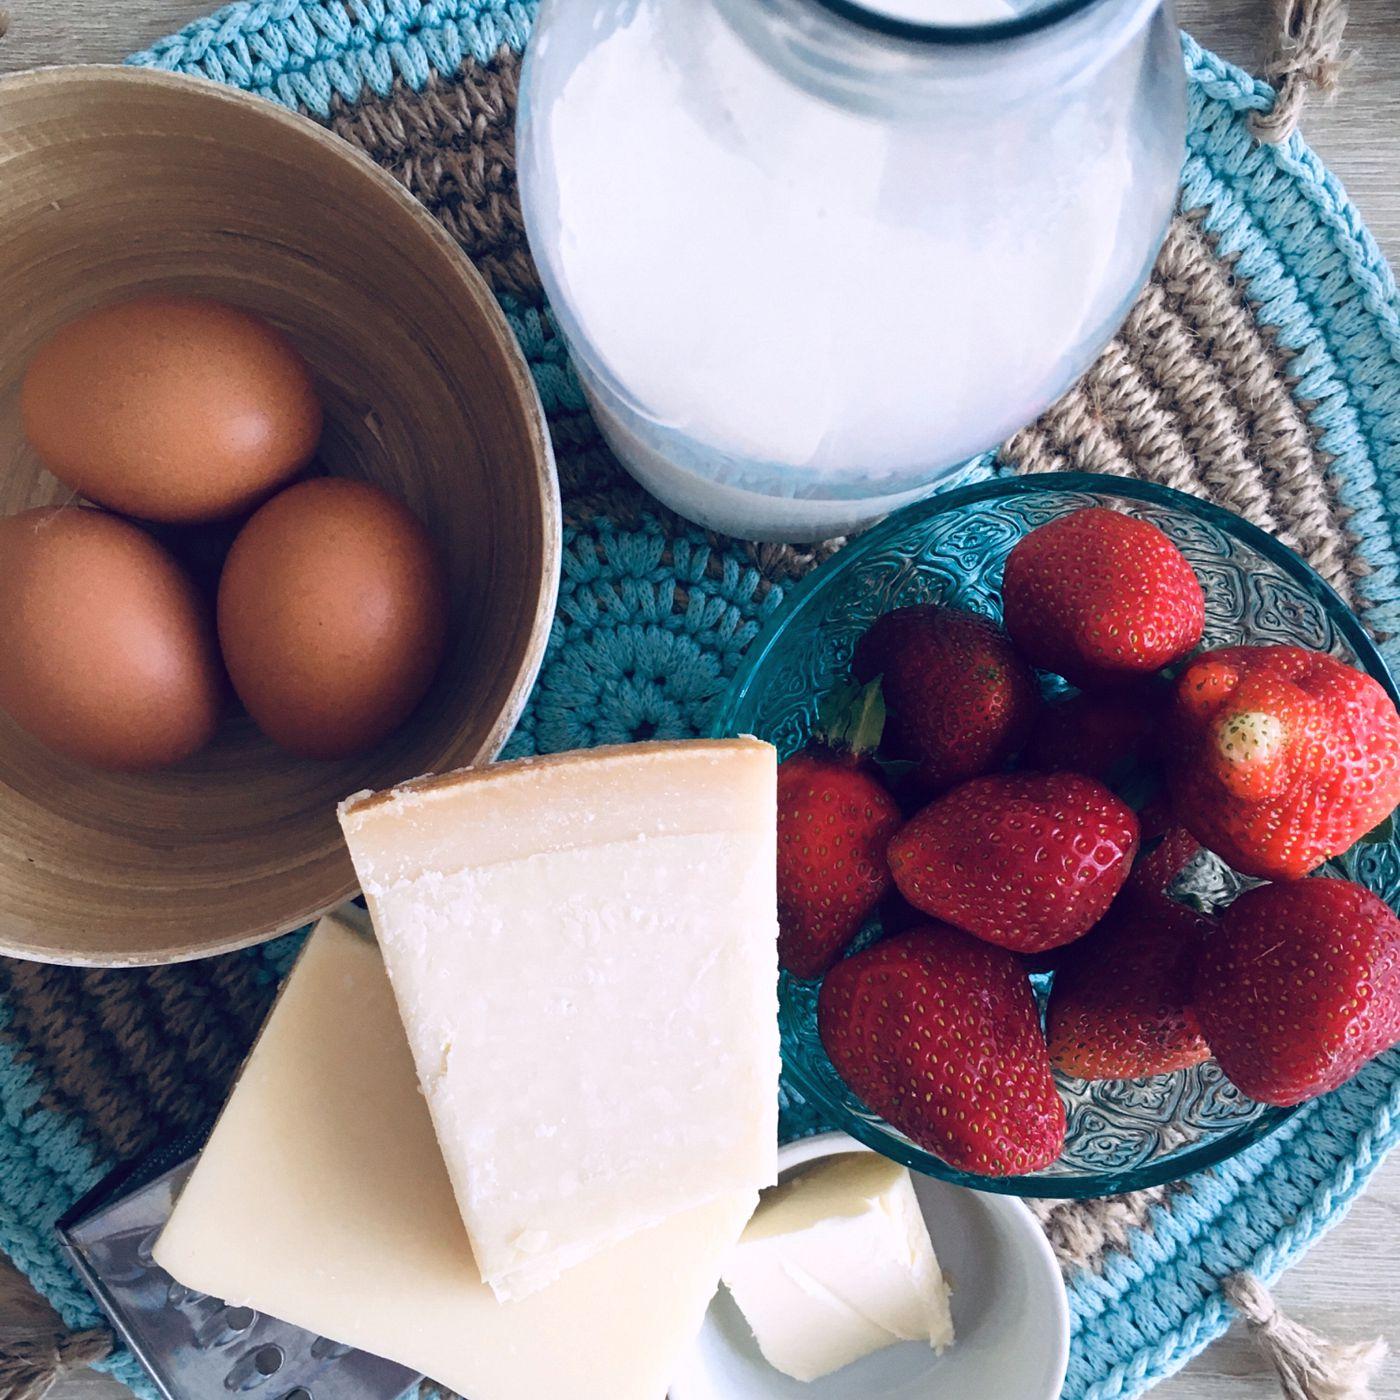 Vaječná omeleta s jahodami - krok prípravy 1